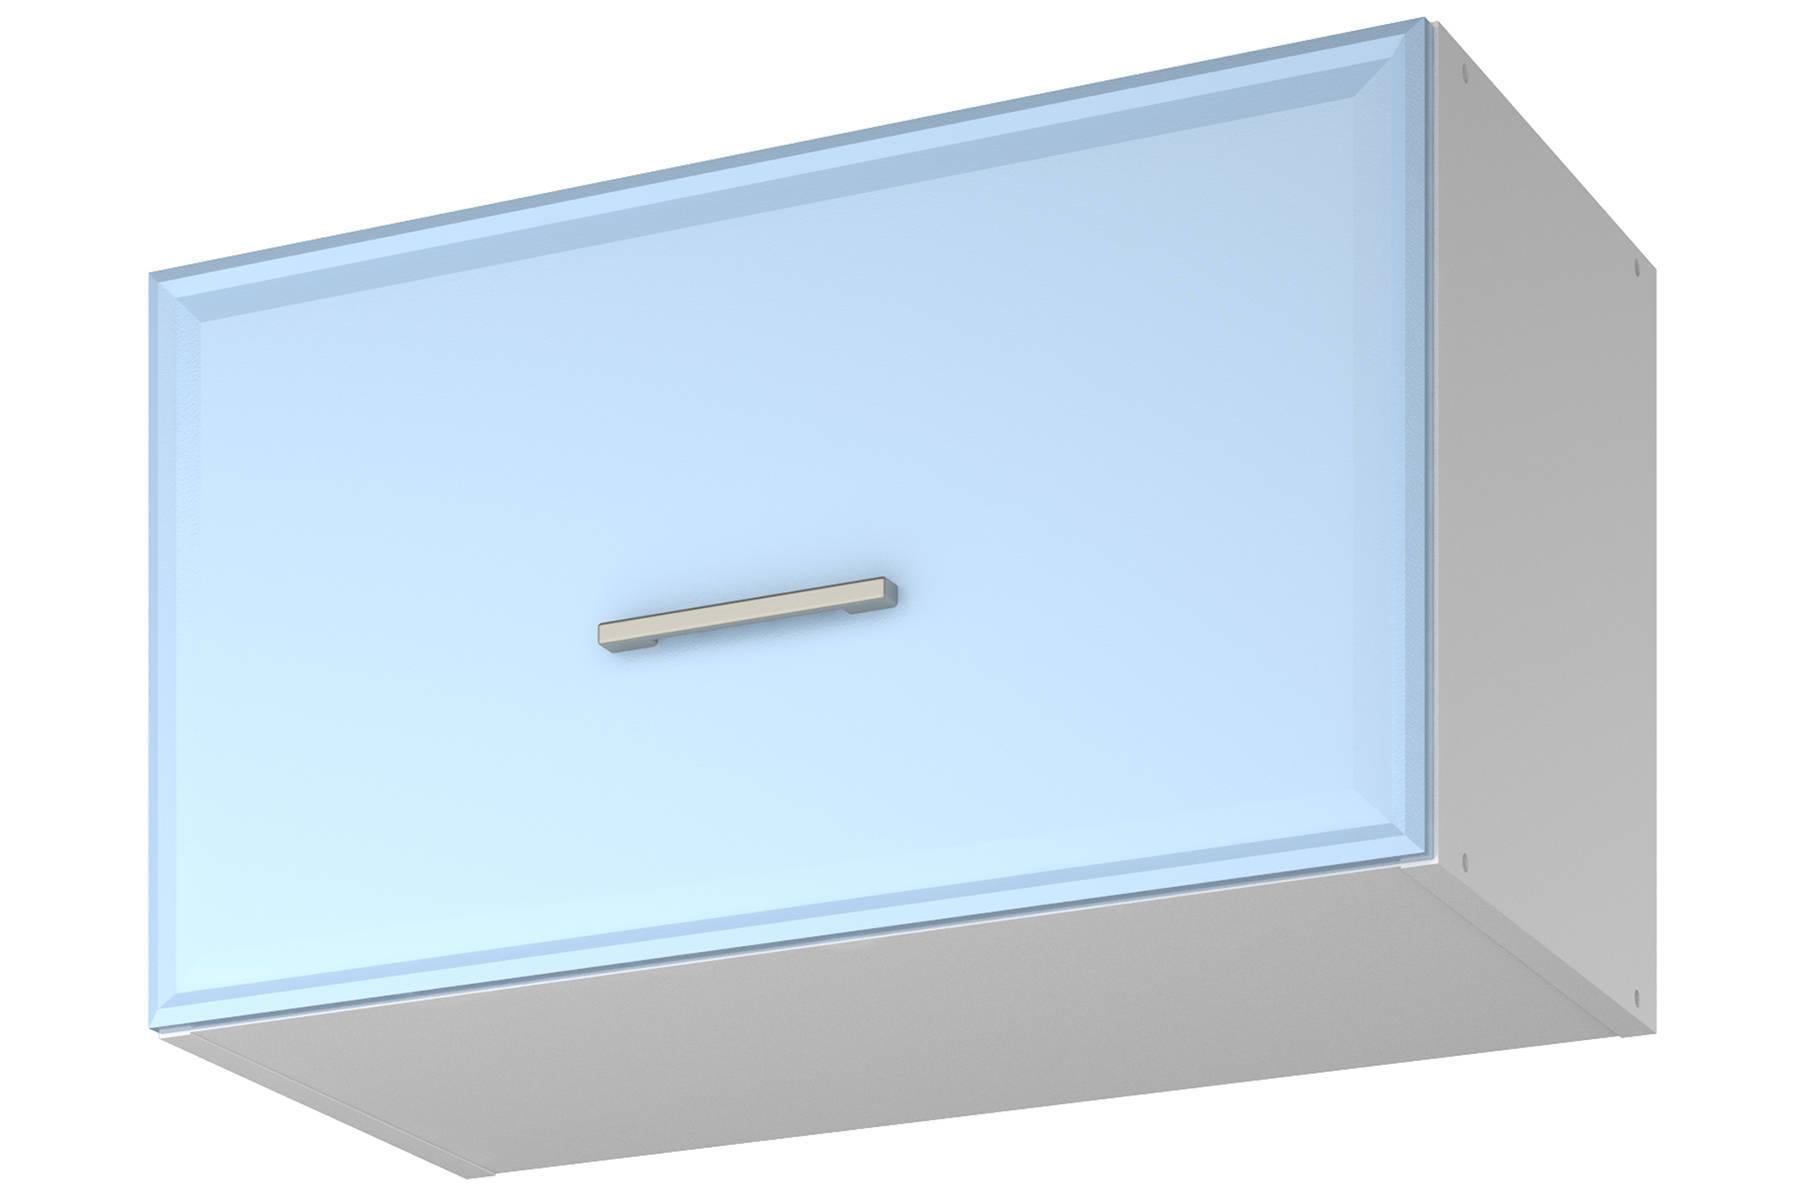 Шкаф навесной для вытяжки Белла СТЛ.281.04 выставка munk 2019 05 07t14 30